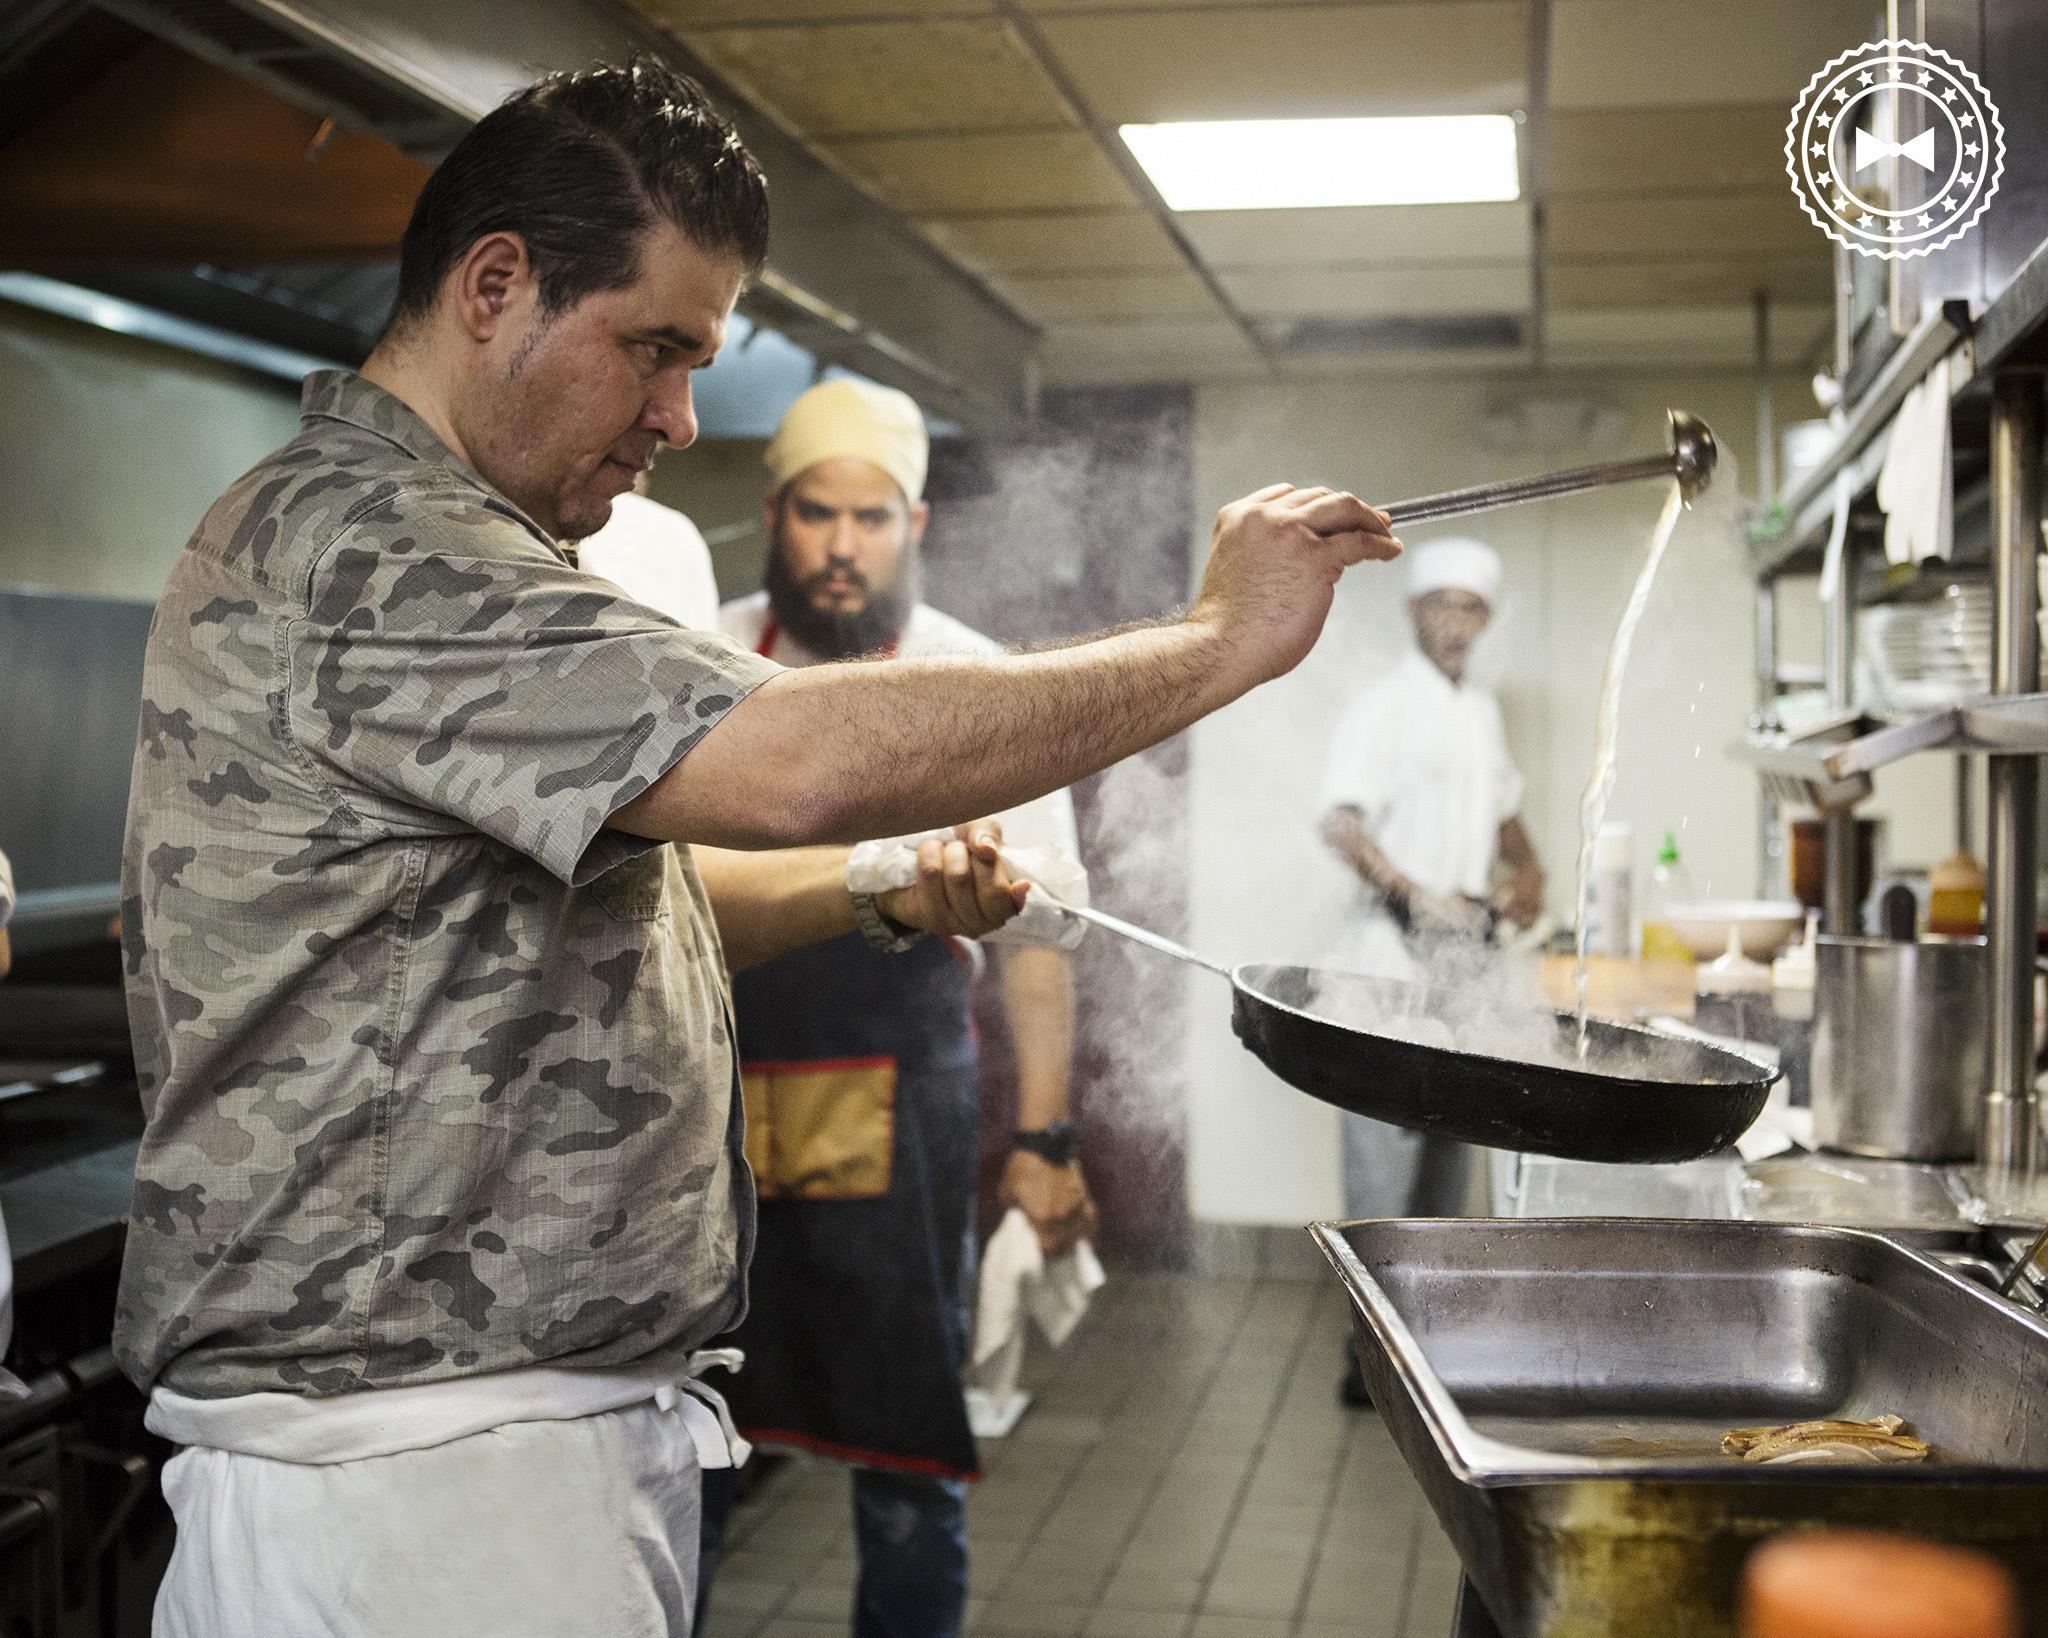 Chef Treviño